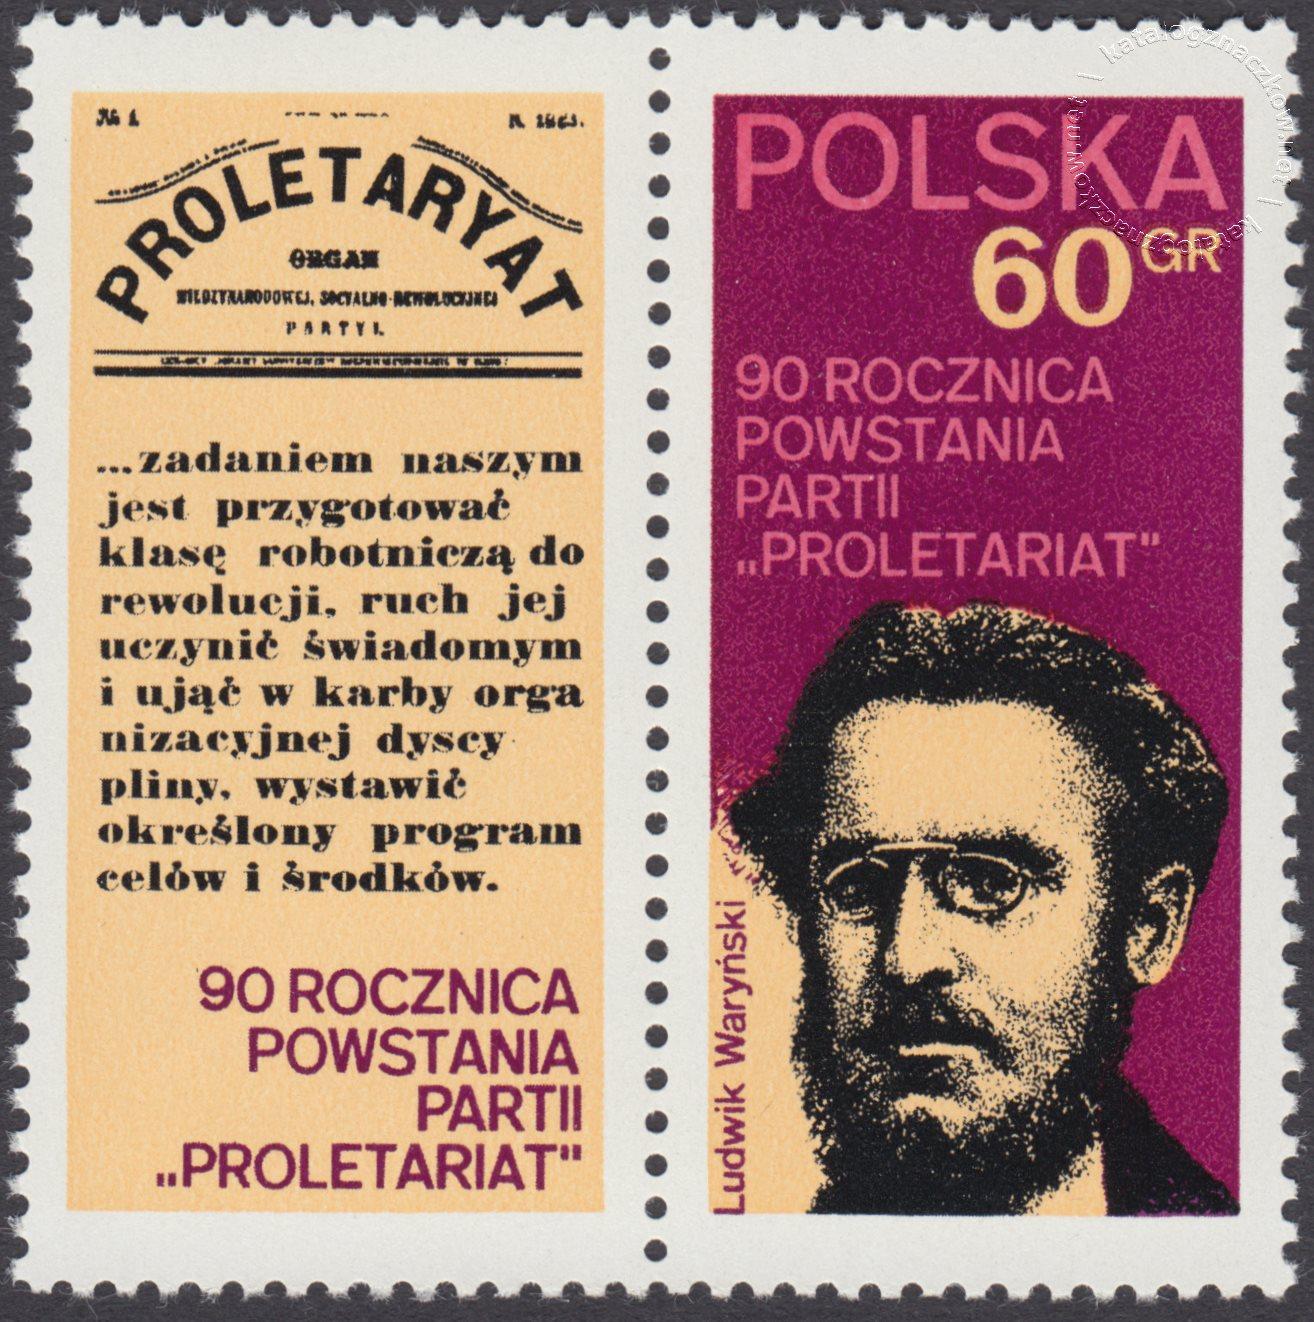 90 rocznica powstania partii Proletariat znaczek nr 2024 + przywieszka